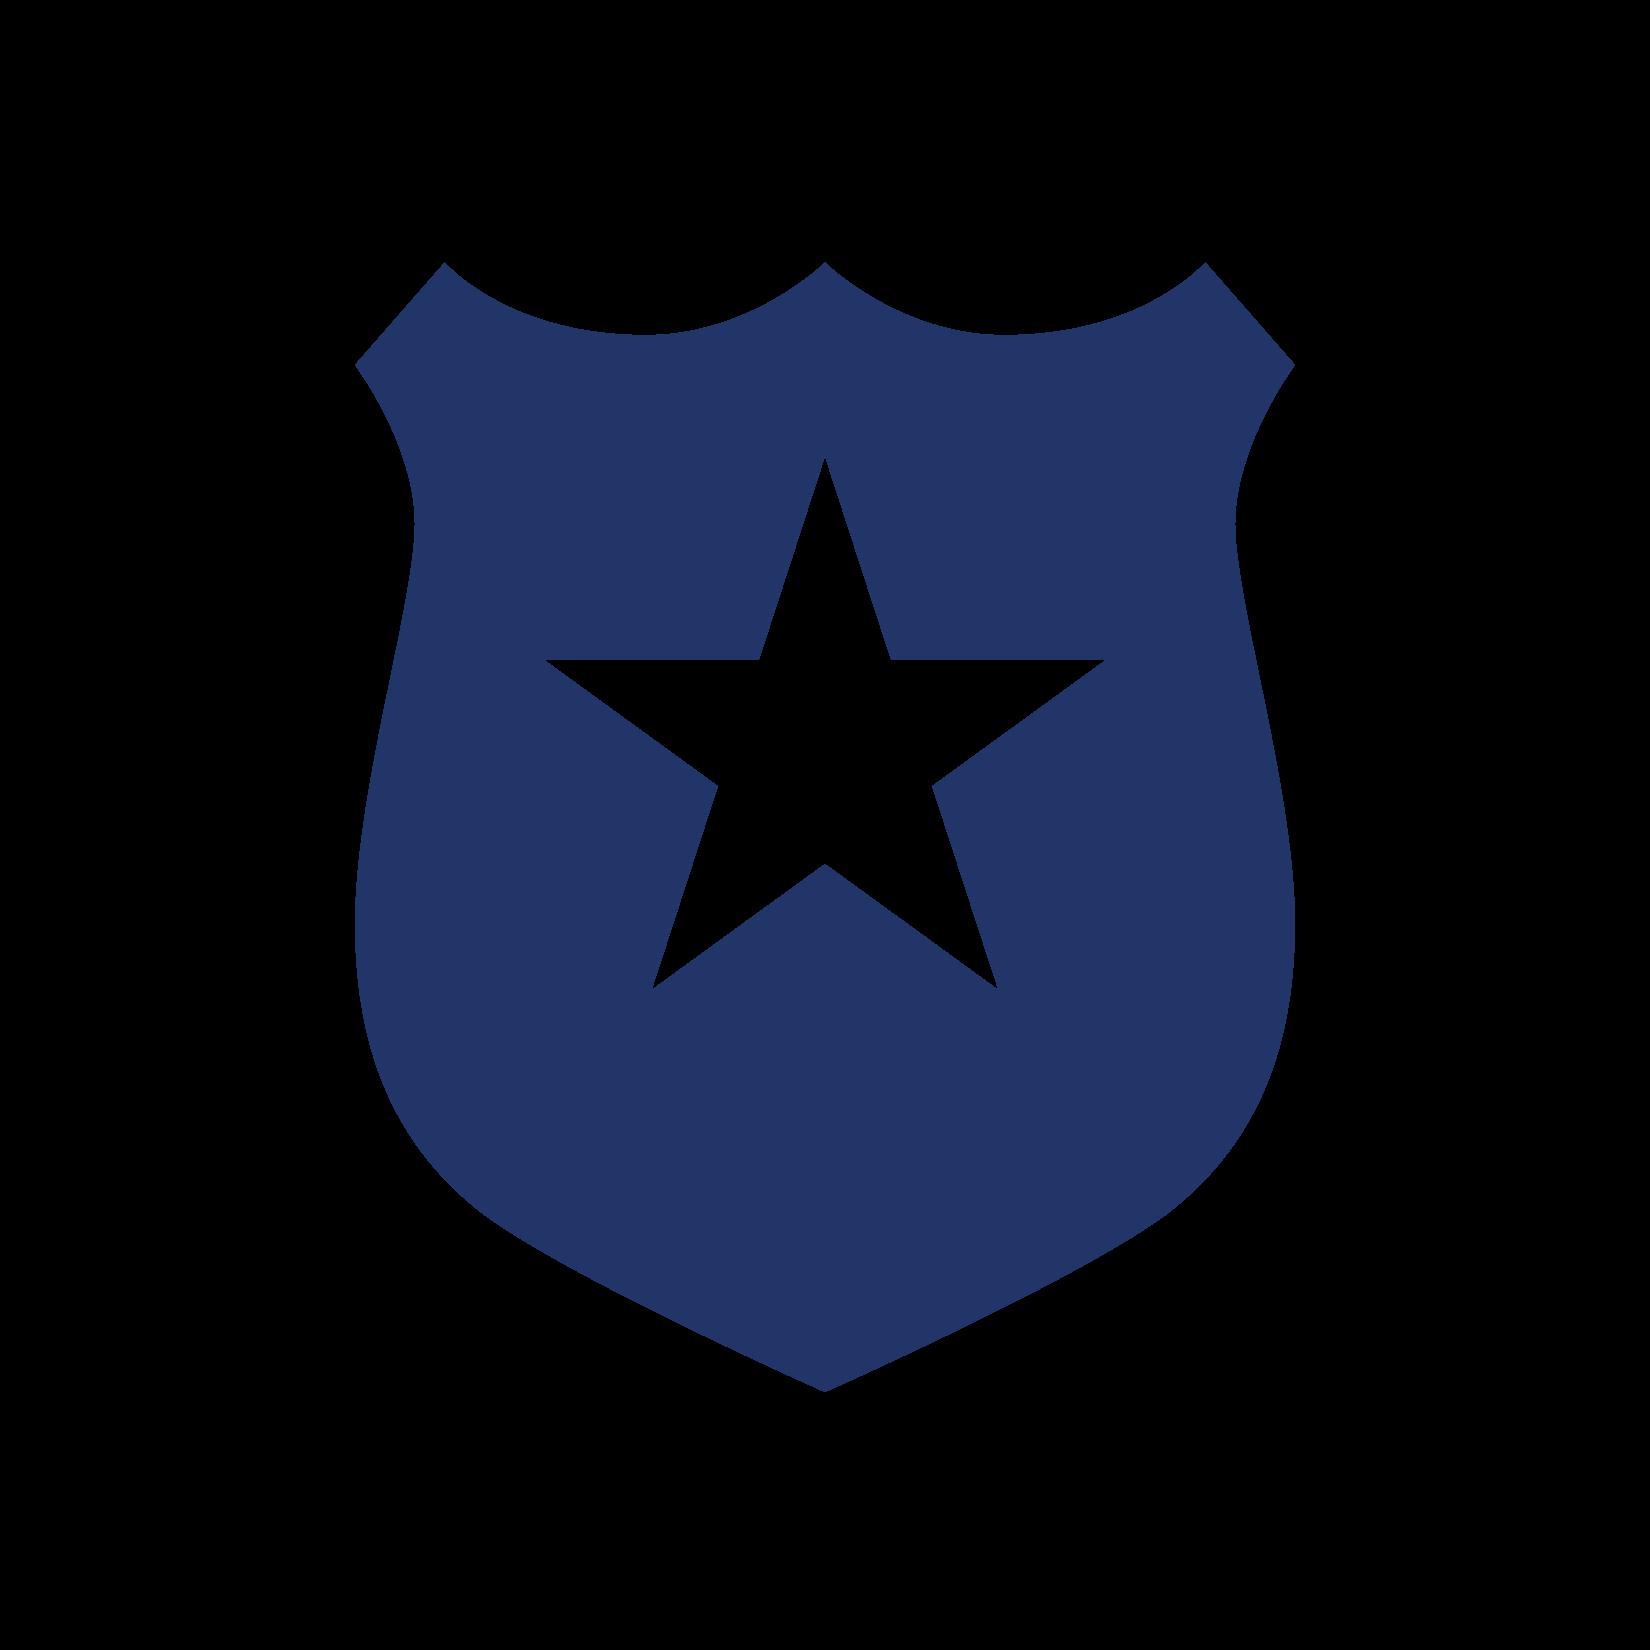 Defense & Law Enforcement.